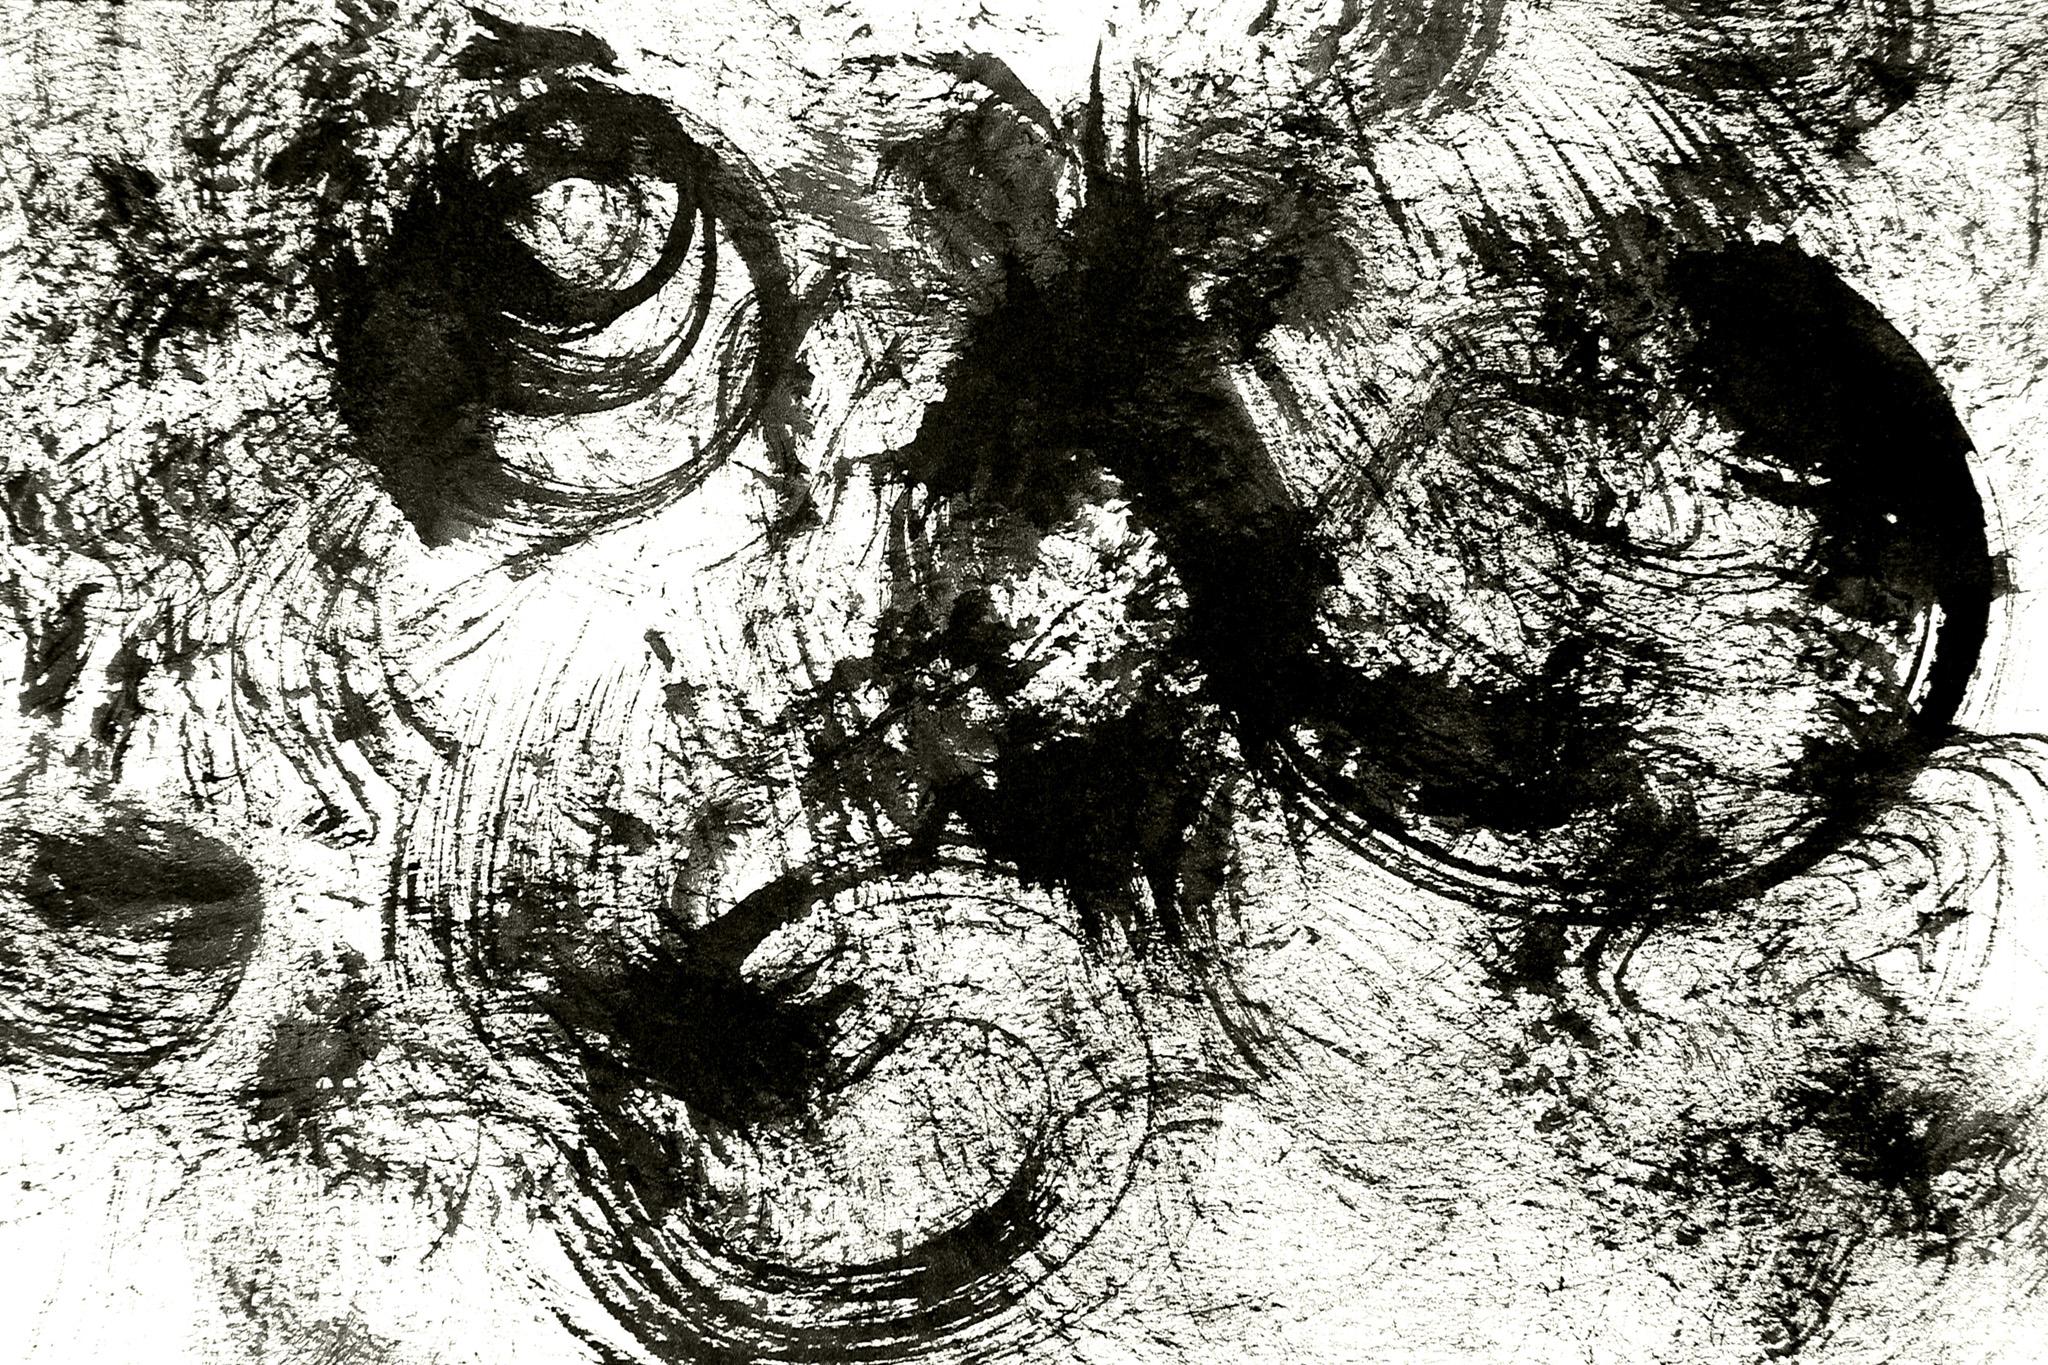 「弧を描くかすれた墨の背景」